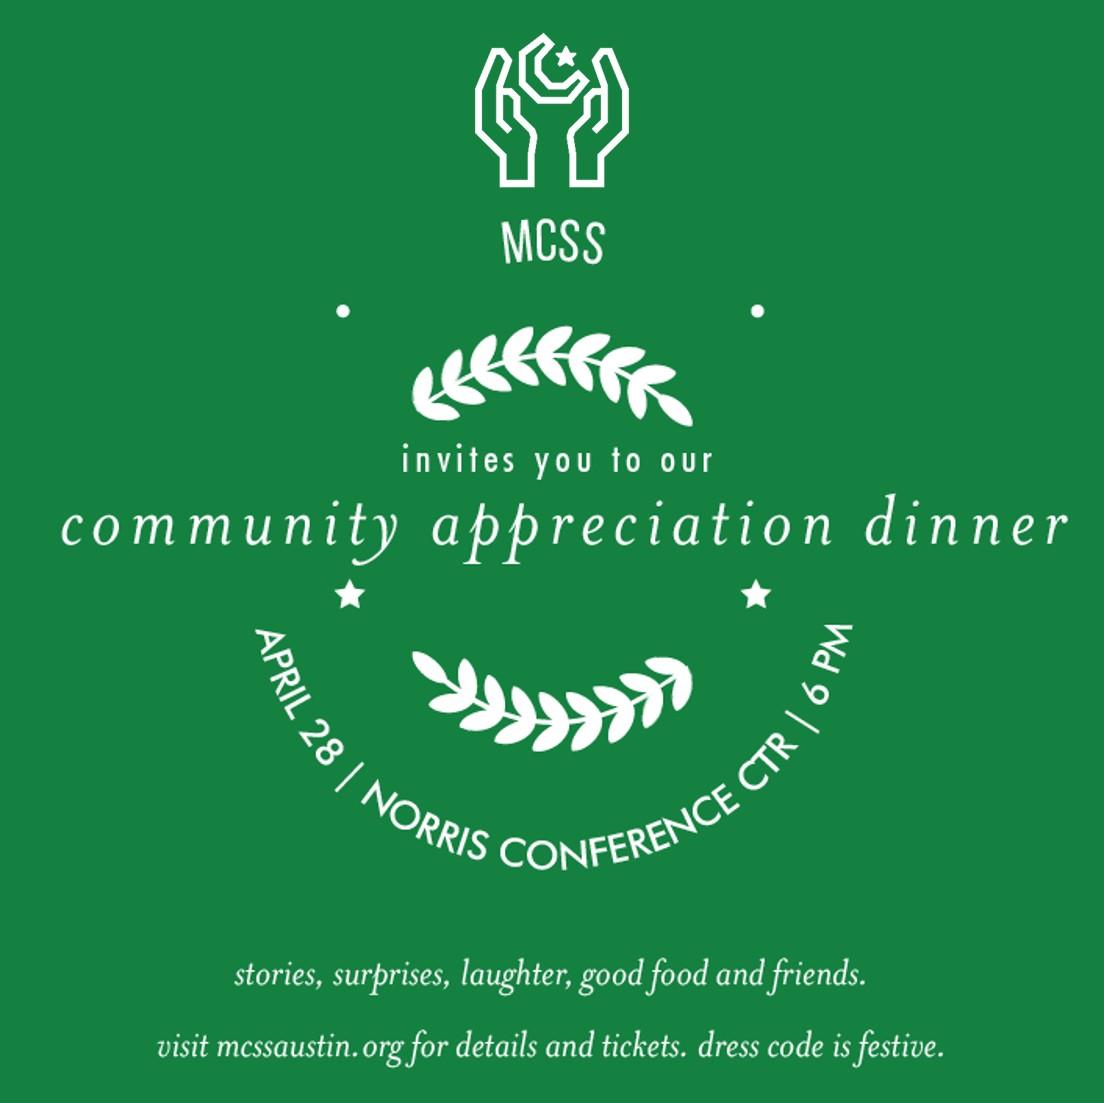 donor appreciation banquet - 4.28.2018